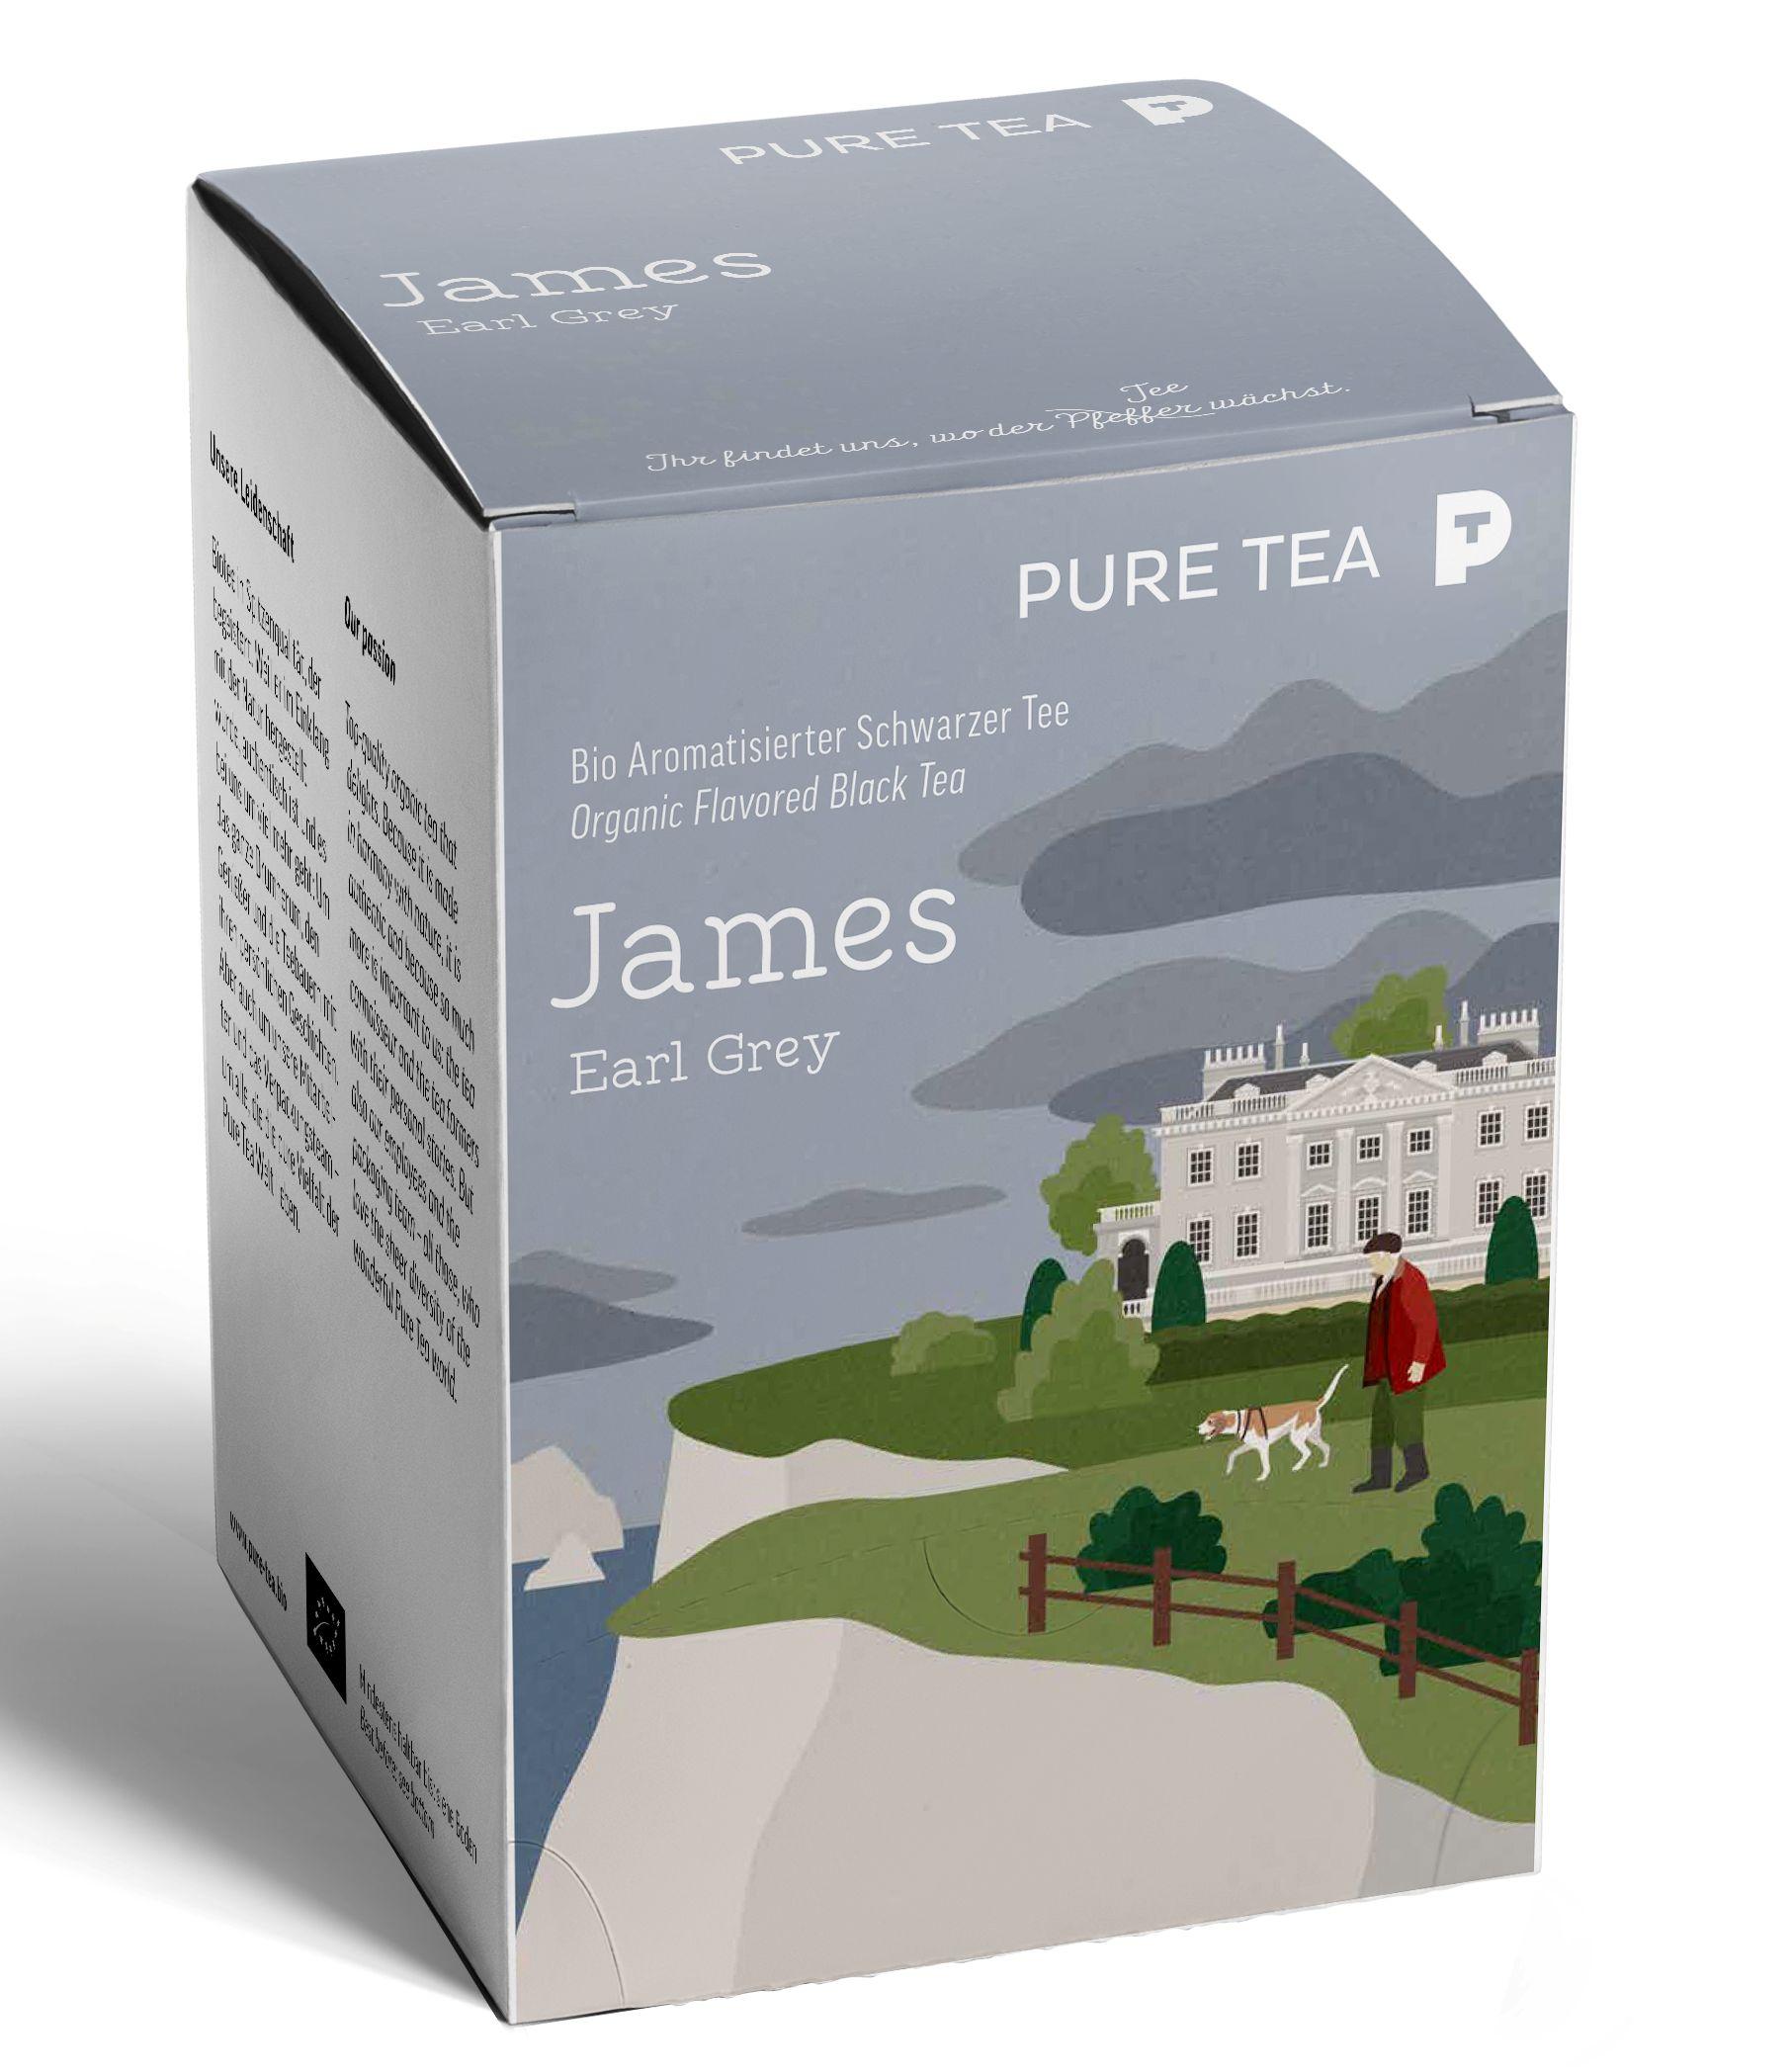 Bio Puretea Pyra Earl Grey James